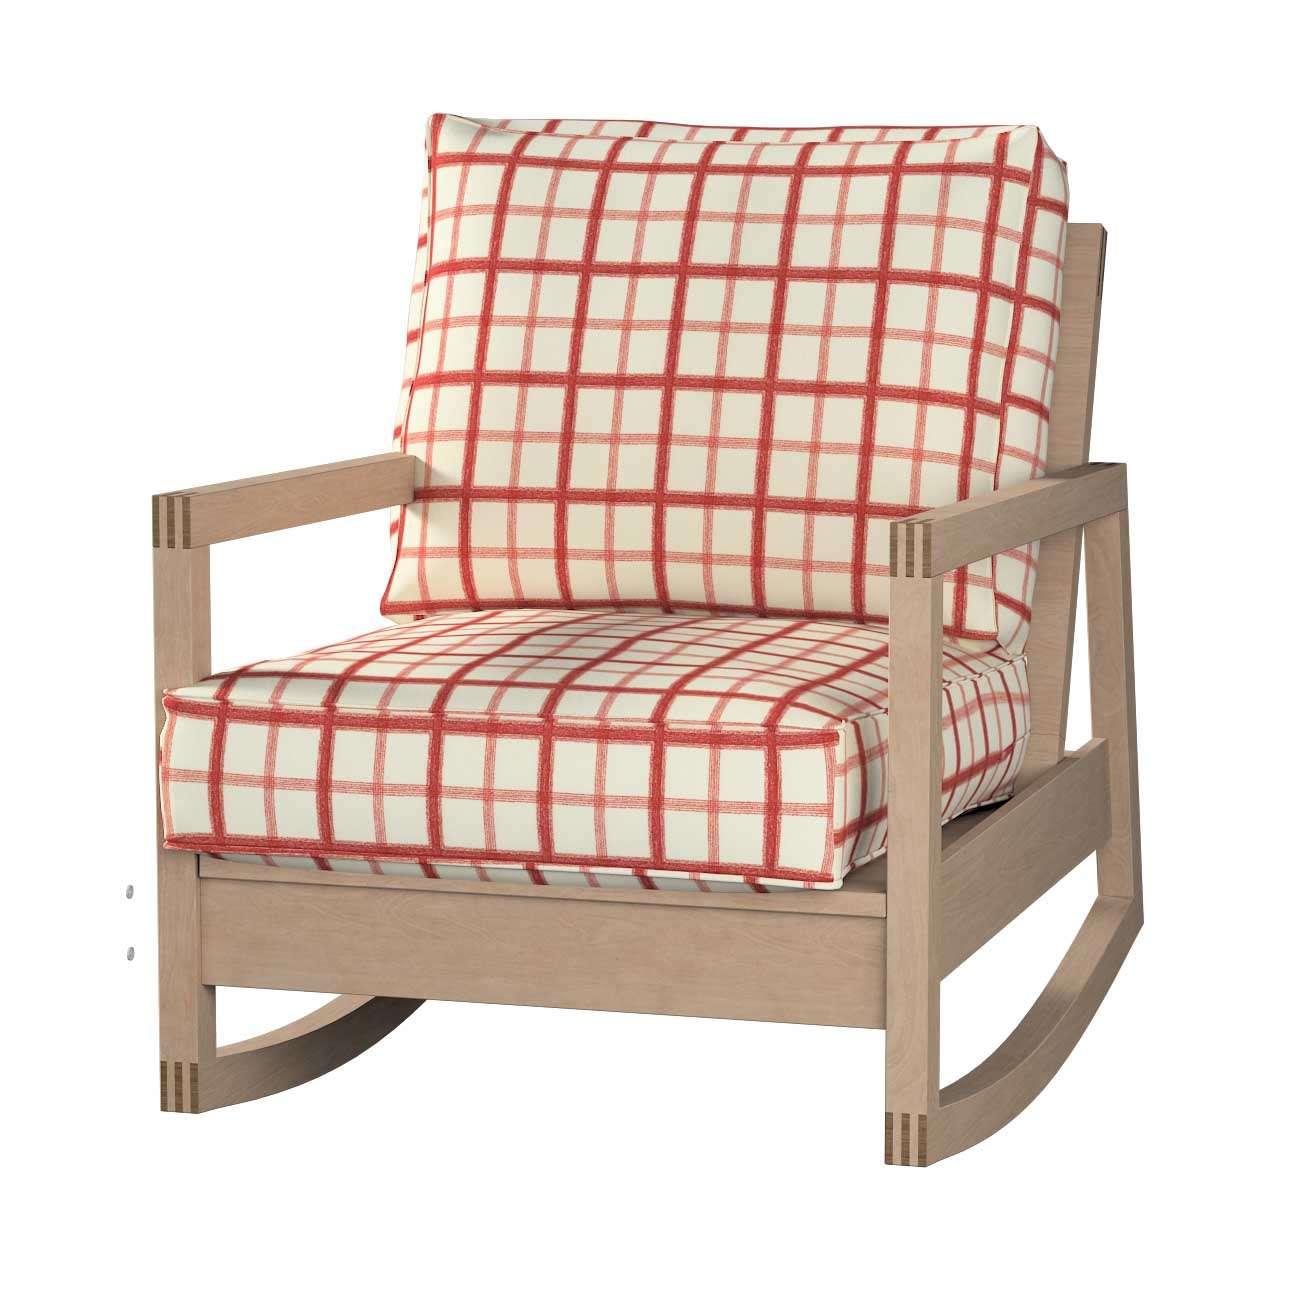 LILLBERG fotelio užvalkalas LILLBERG fotelio užvalkalas kolekcijoje Avinon, audinys: 131-15